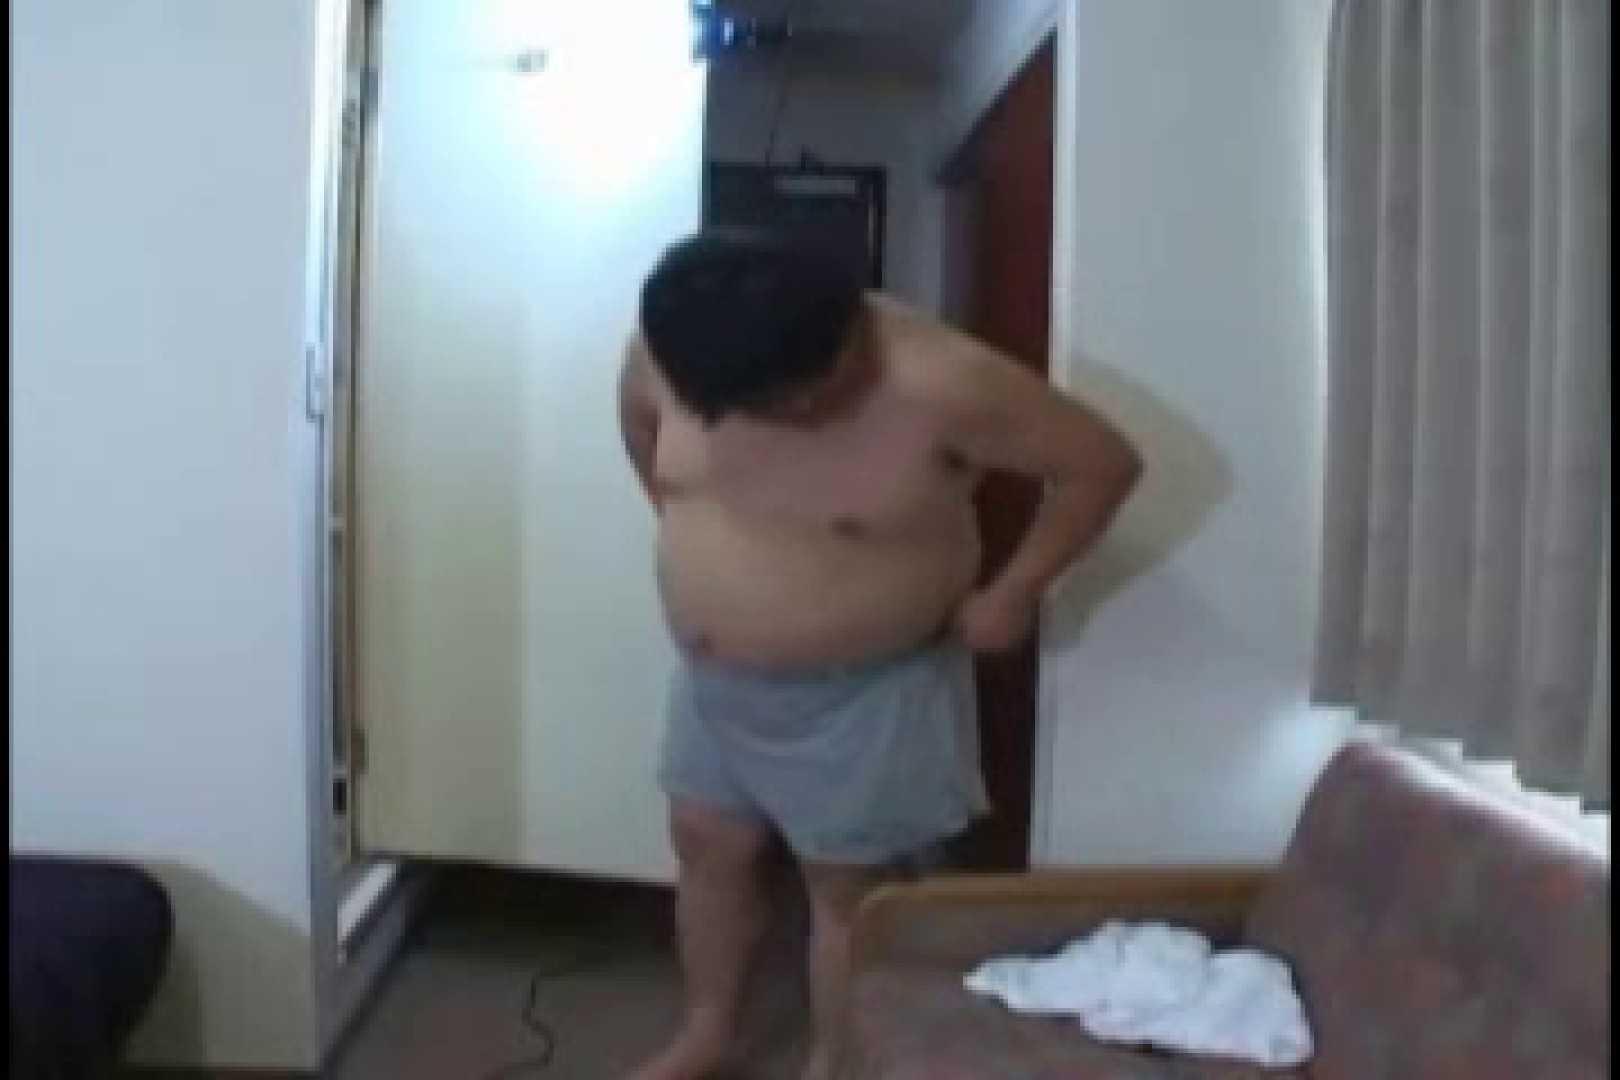 オデブなメガネ君のオナ&アナル攻め! お尻の穴 ゲイエロビデオ画像 94pic 53